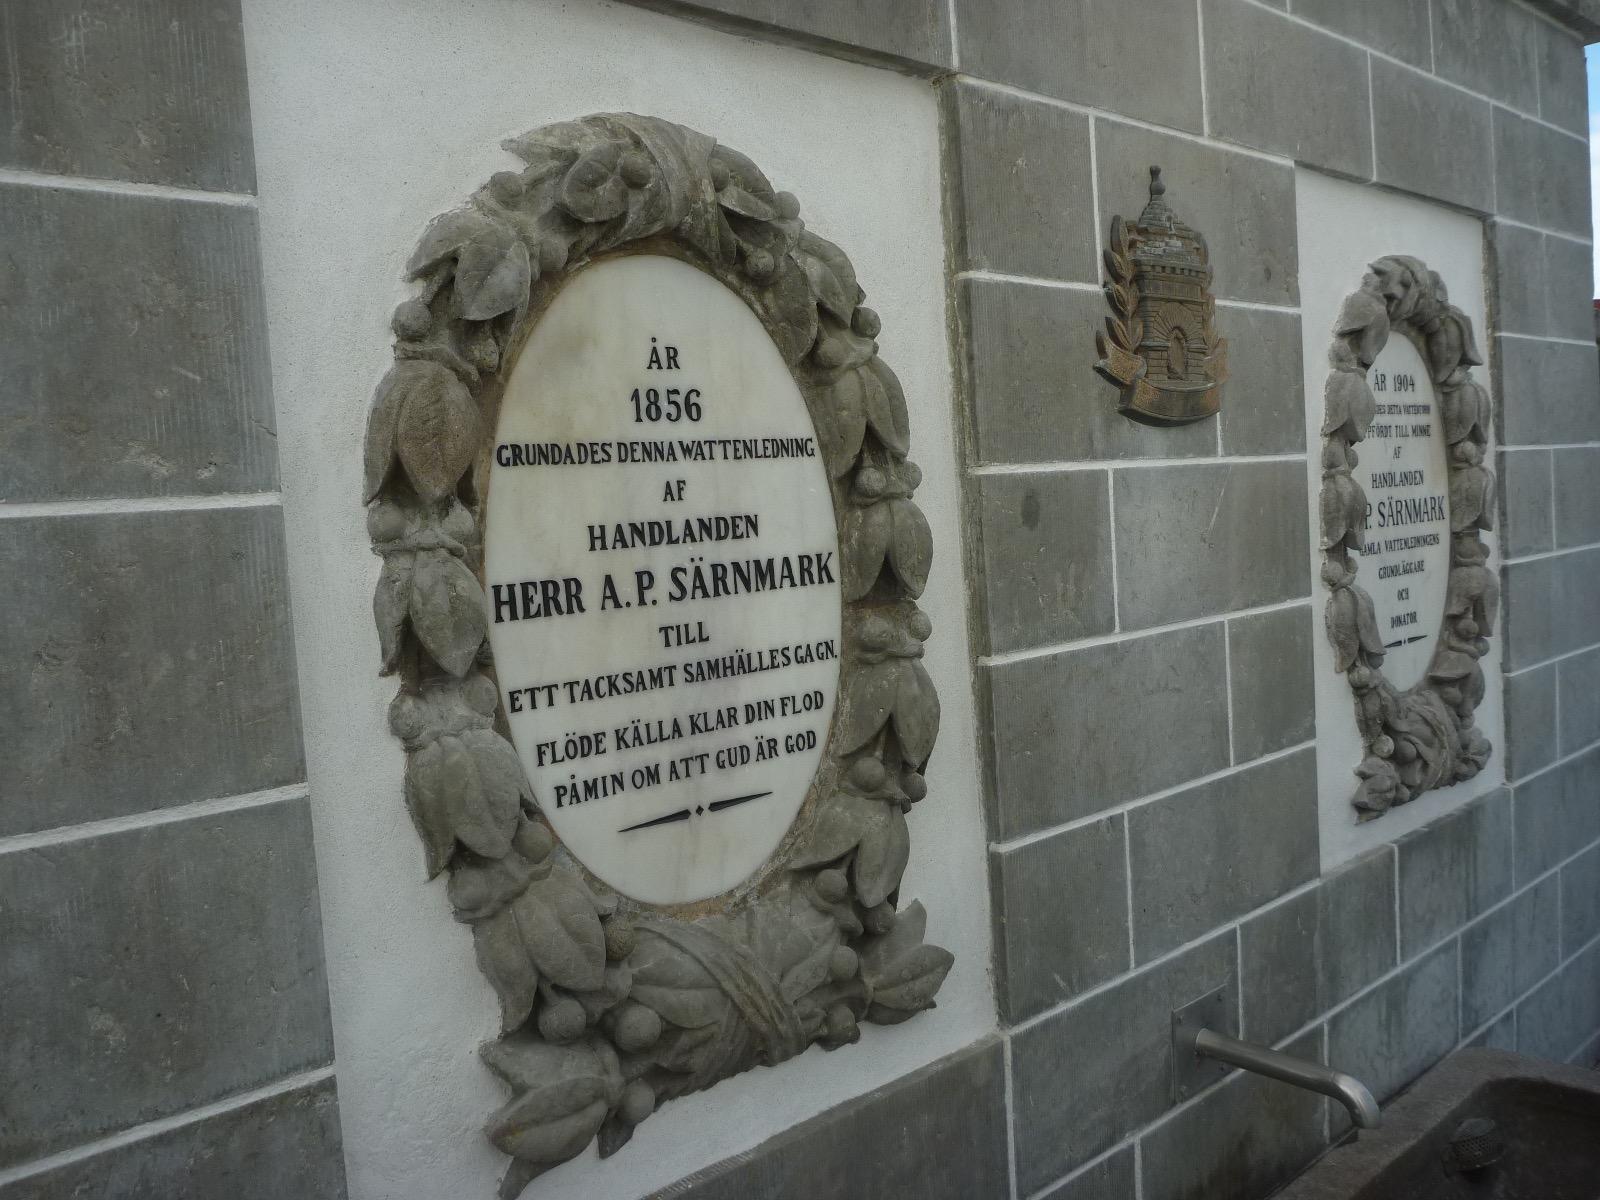 De två medaljongerna